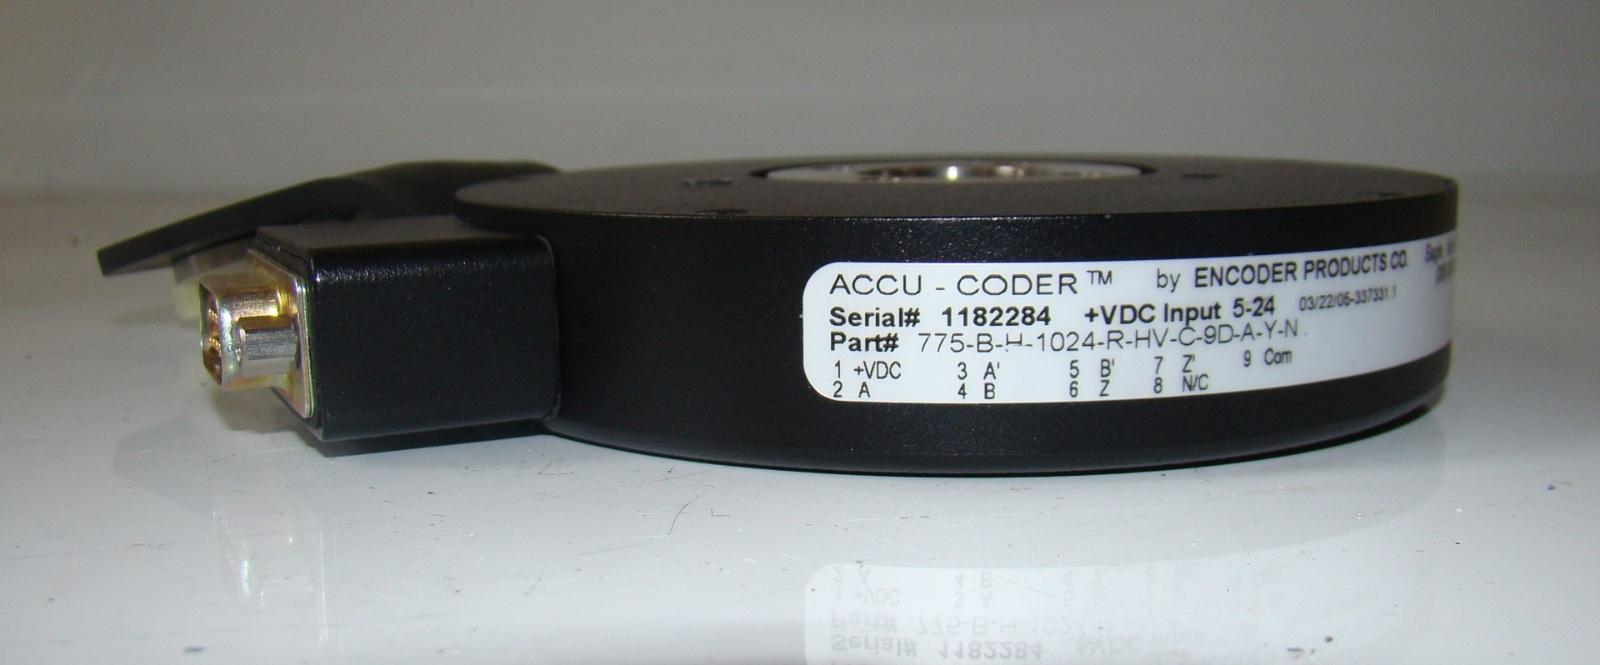 ䷹�c��#����/)9d#_Accu-Coder,EncoderProducts,775-B-H-1024-R-HV-C-9D-A-Y-N|eBay